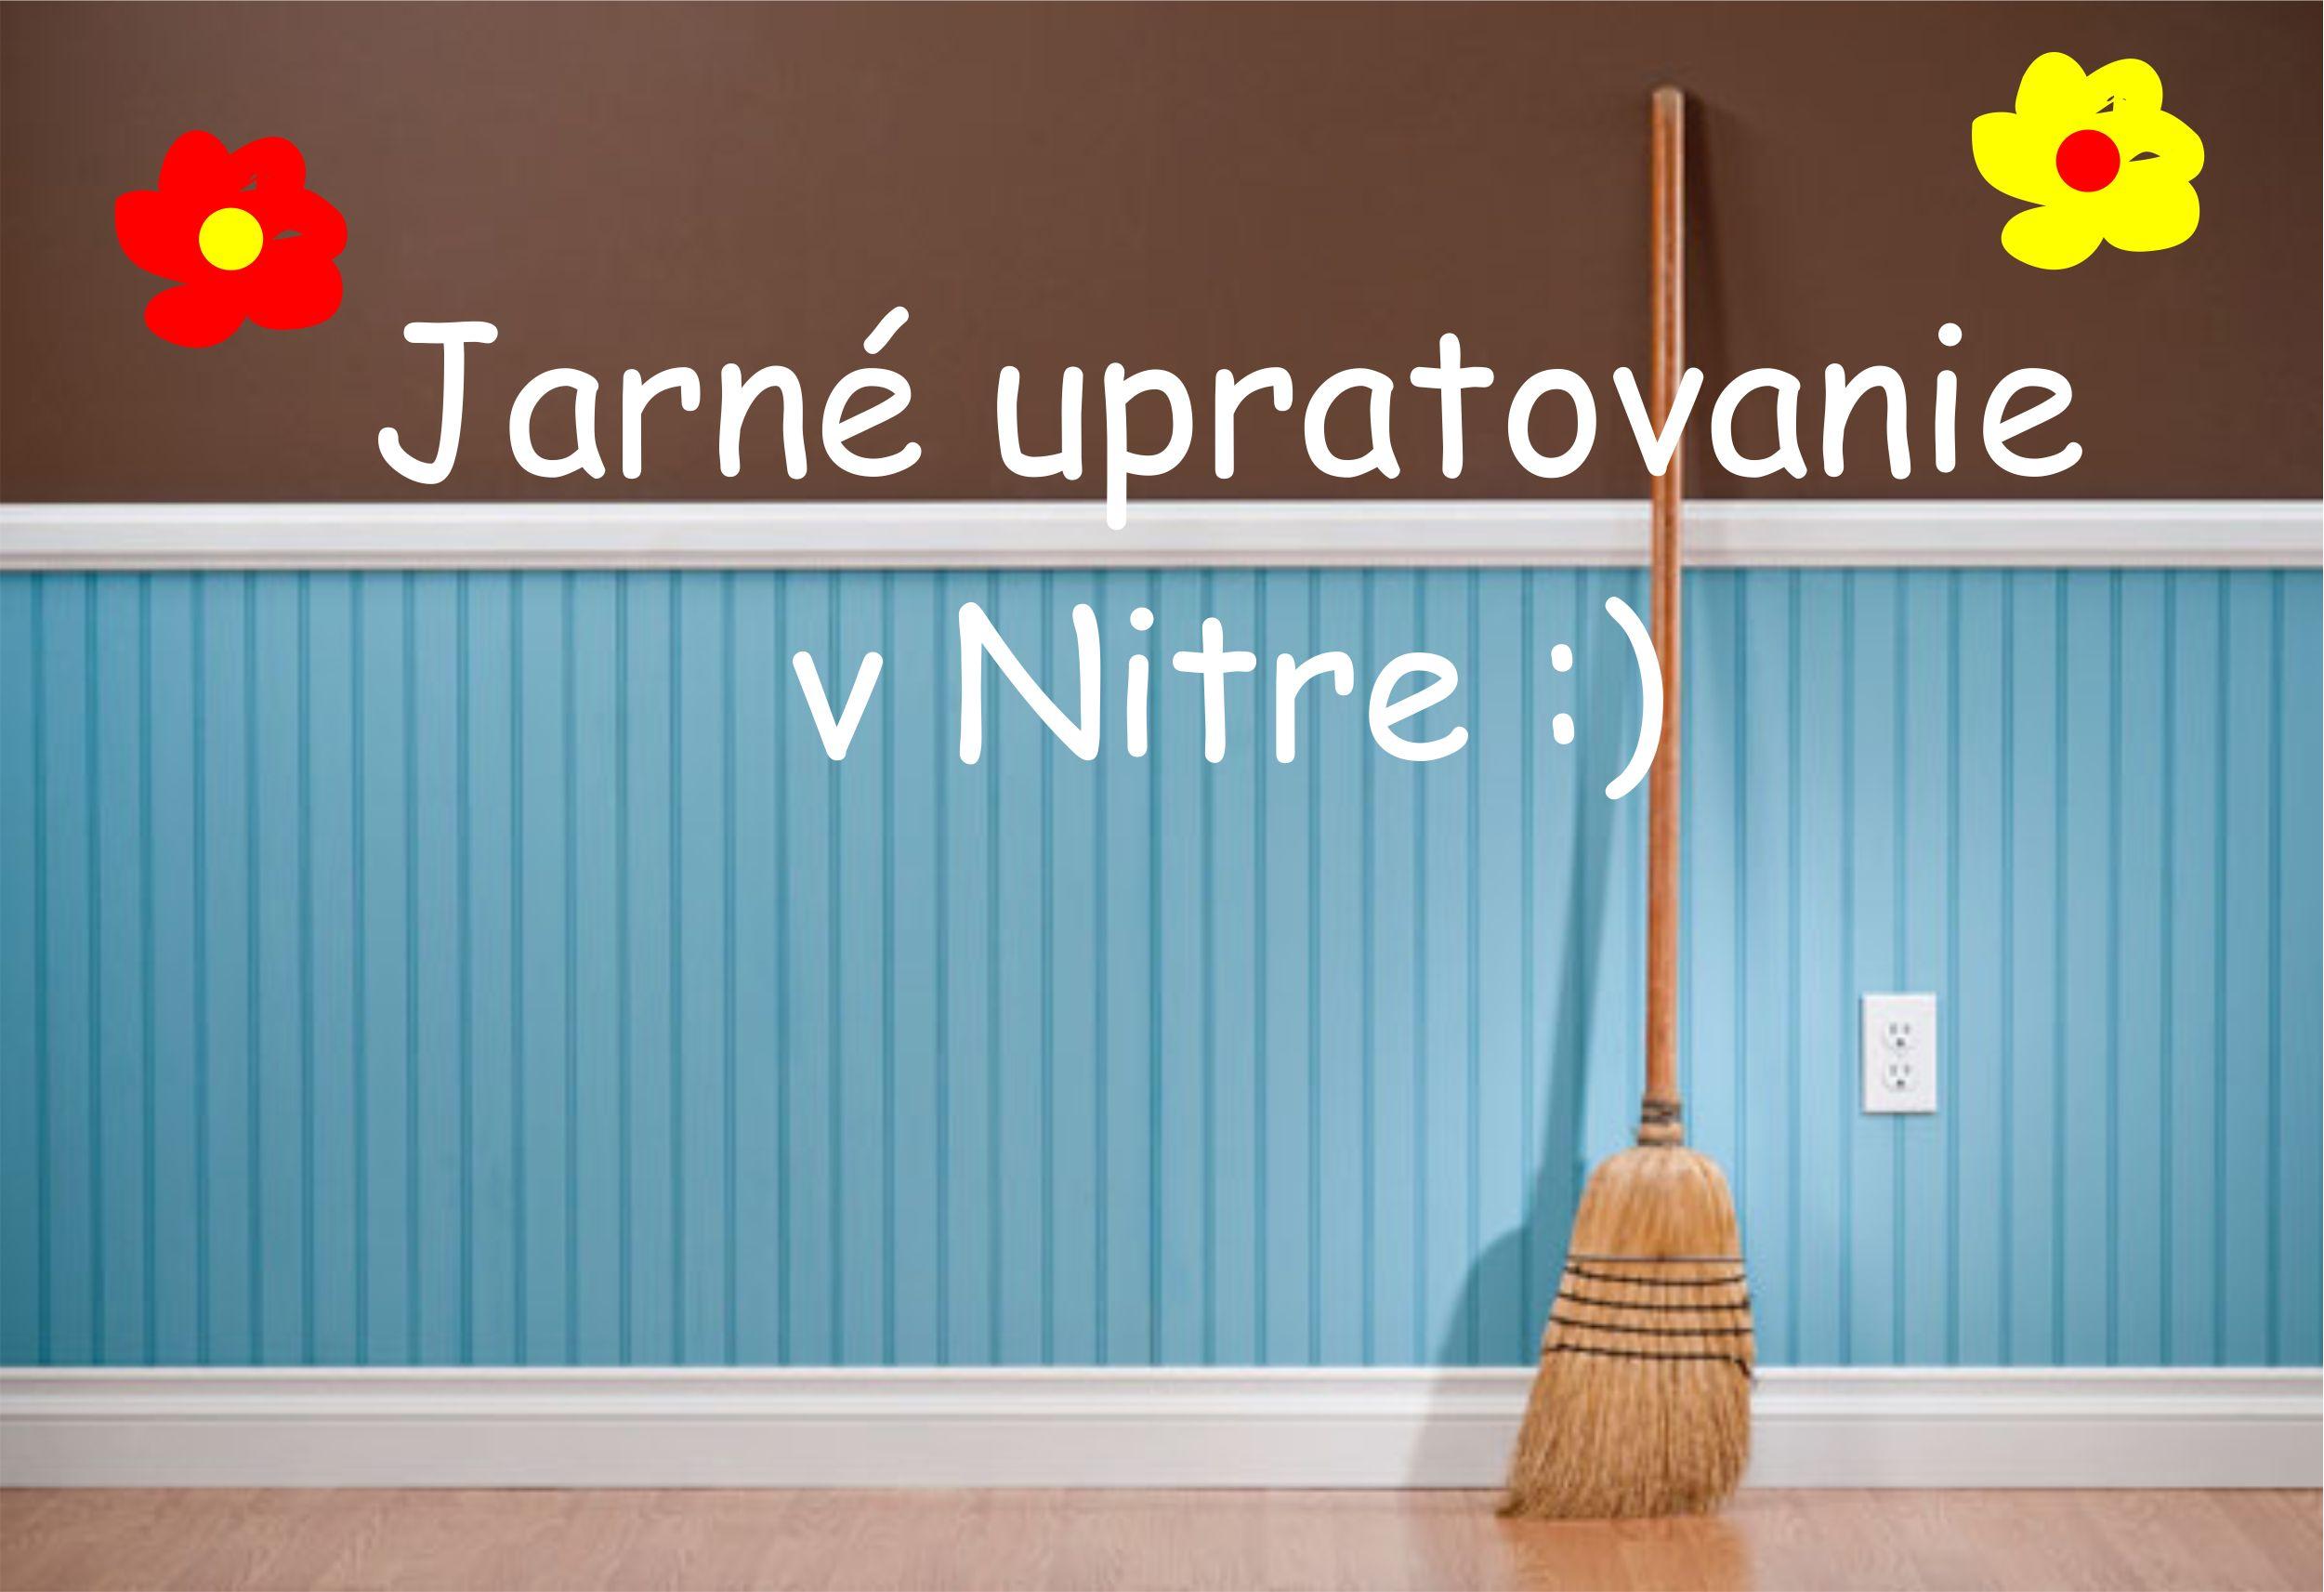 6551691a58d6e Jarné upratovanie v Nitre - Kam v meste   moja Nitra